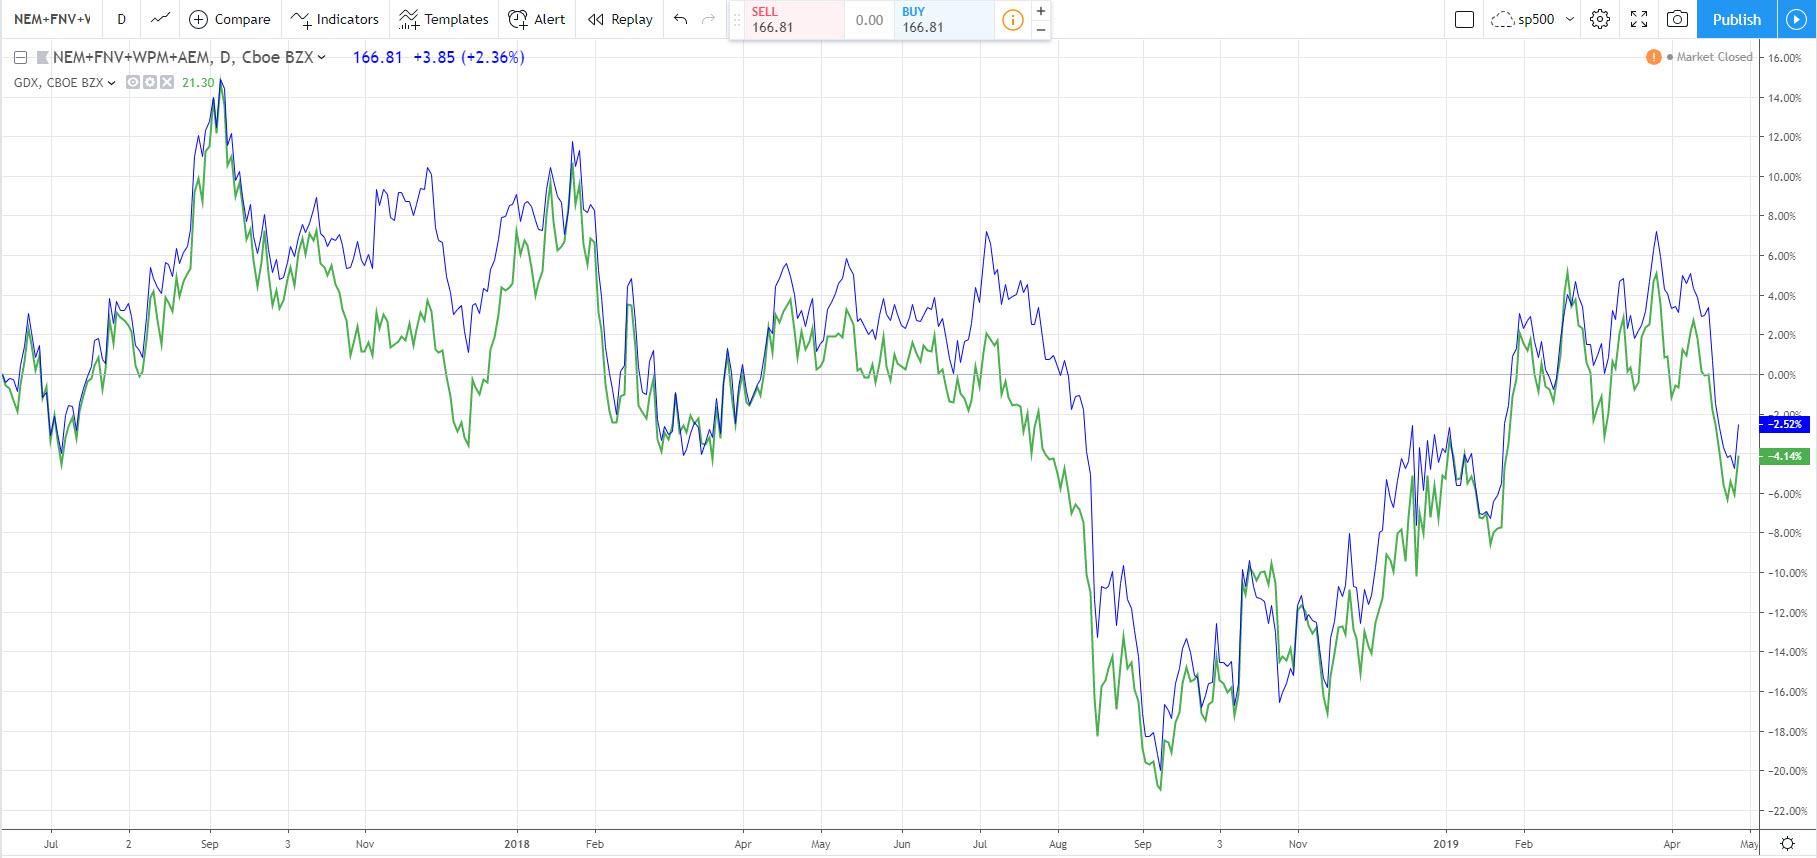 торговляETF против акций входящих в этот фонд